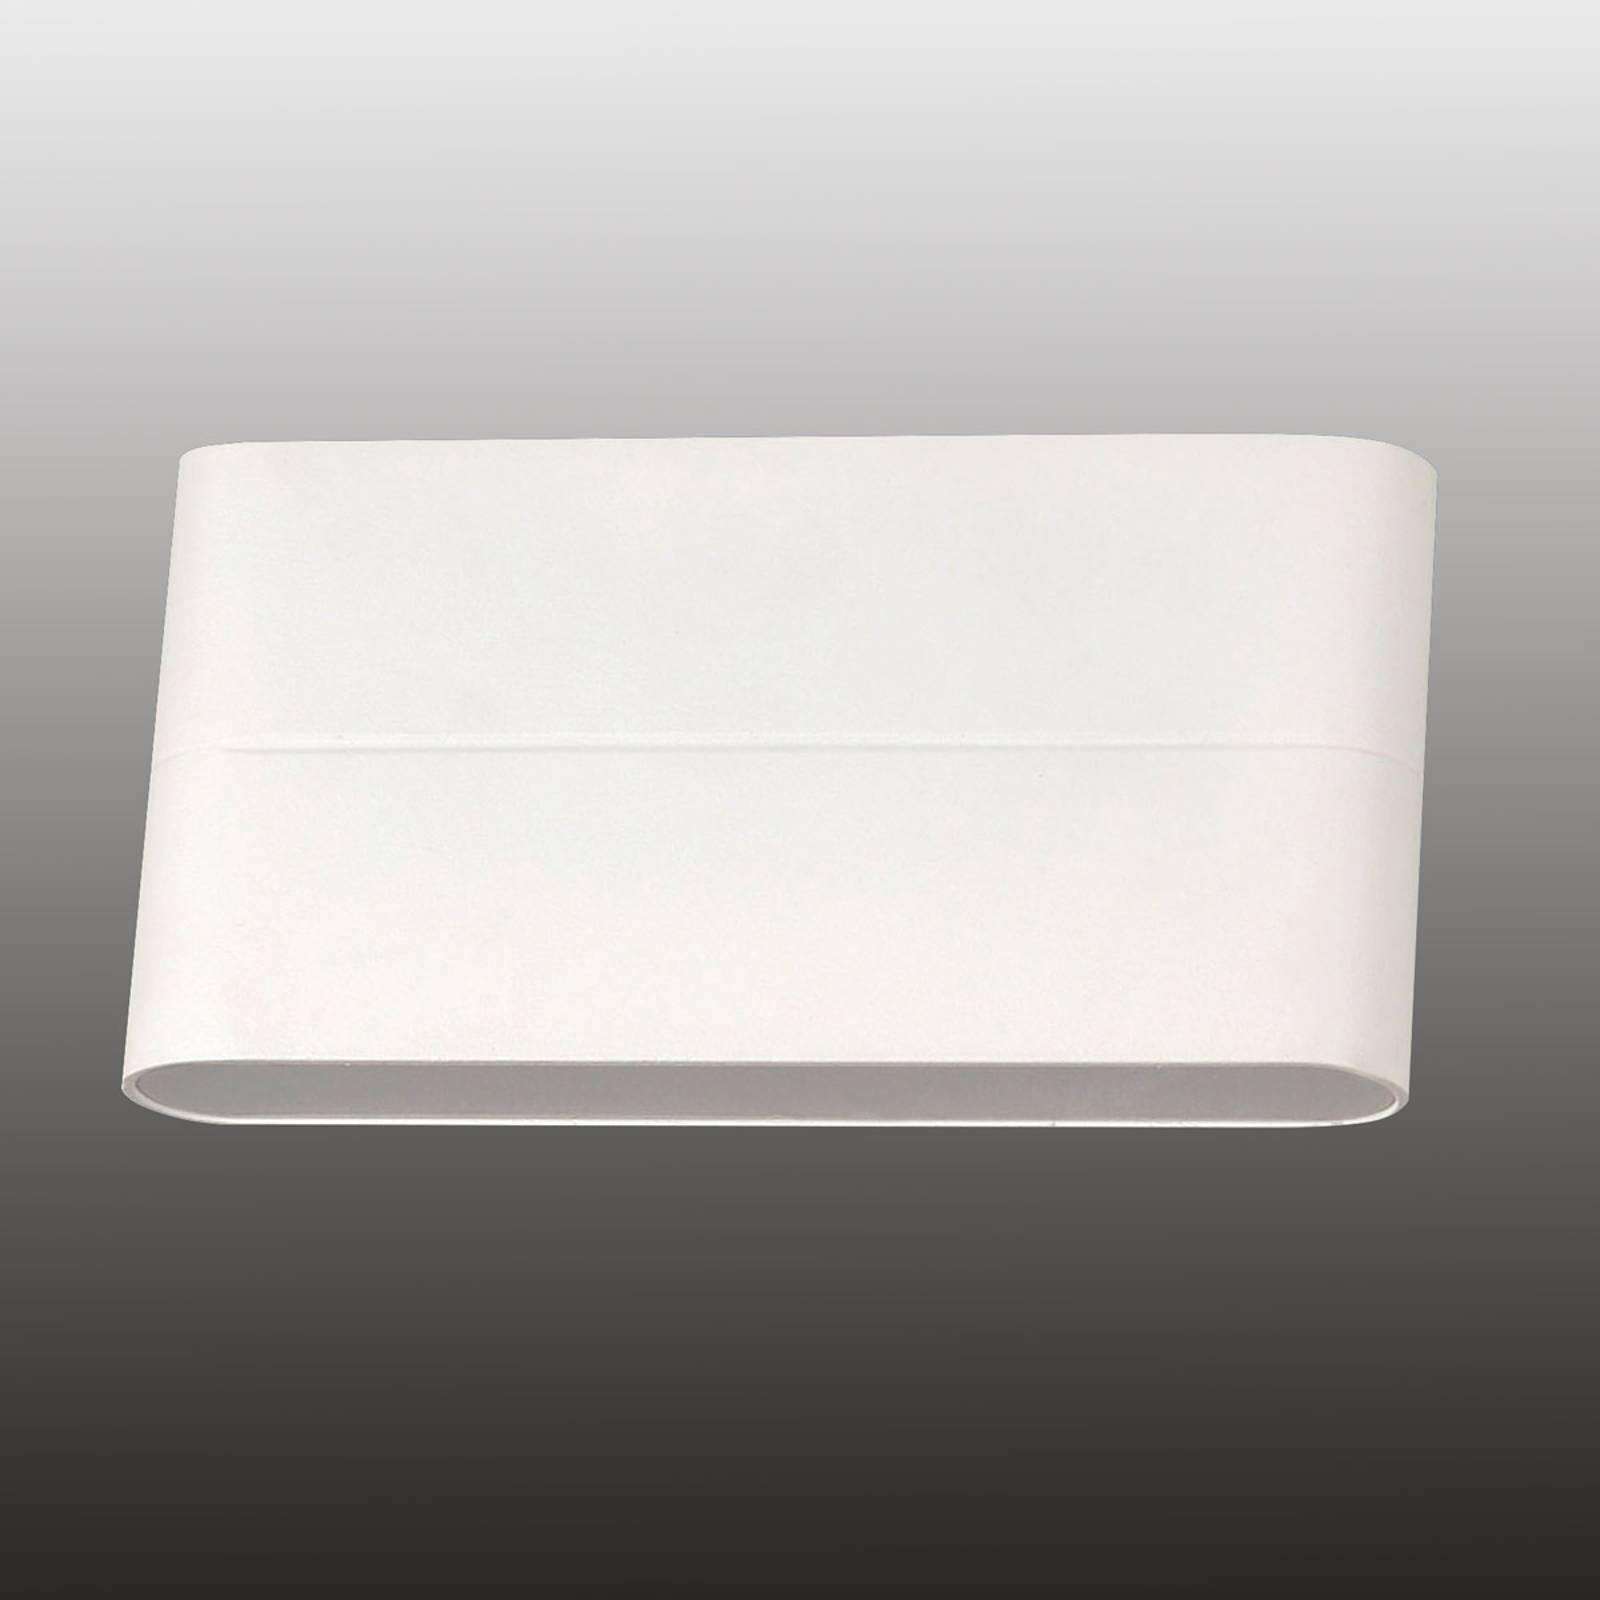 LED-Außenwandleuchte Casper, weiß